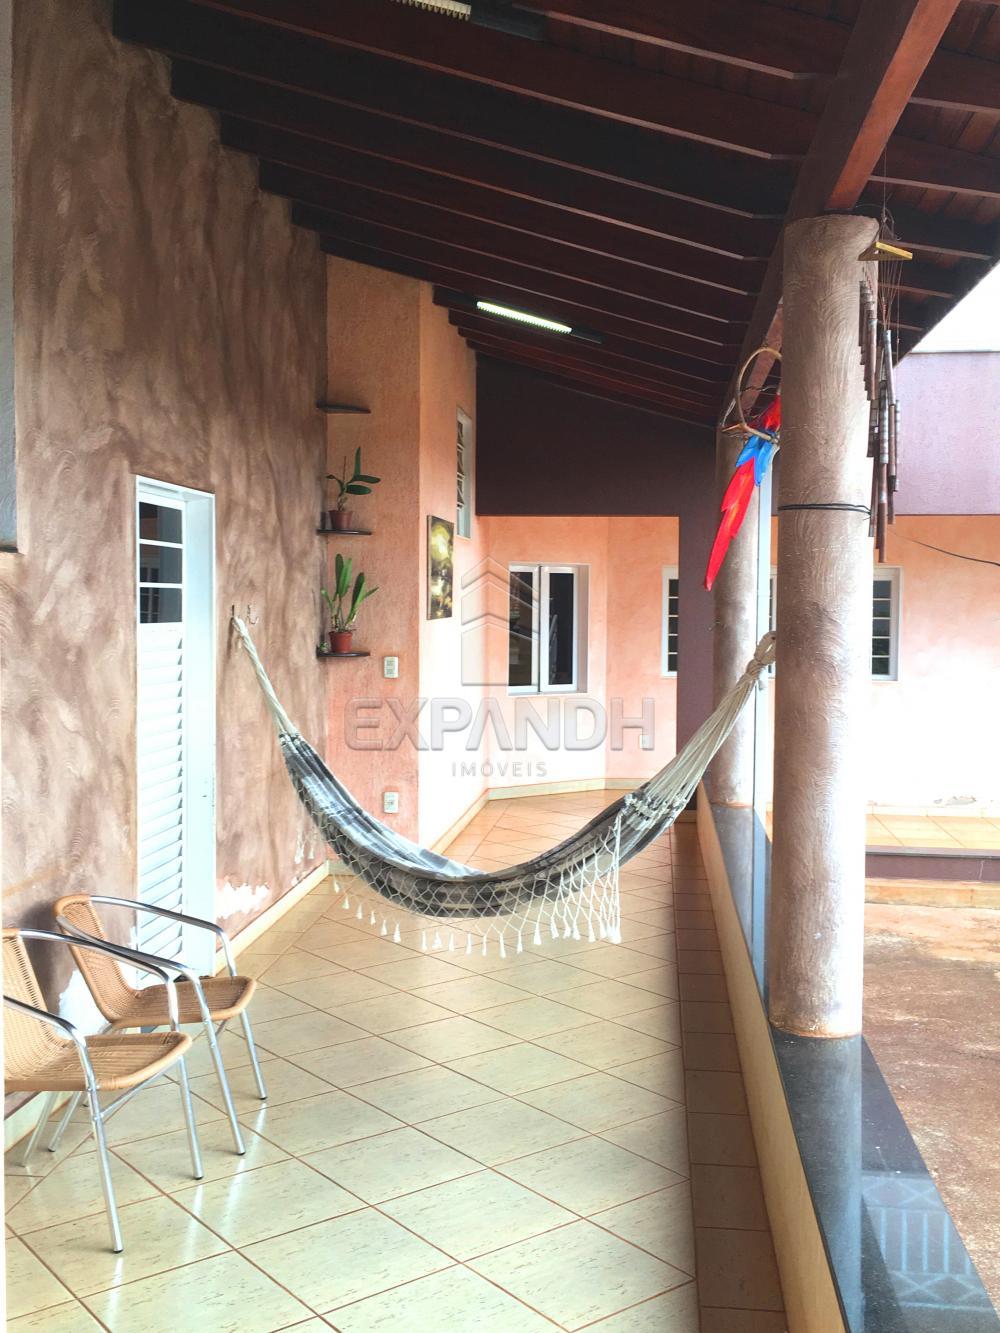 Comprar Casas / Padrão em Sertãozinho R$ 1.155.000,00 - Foto 13